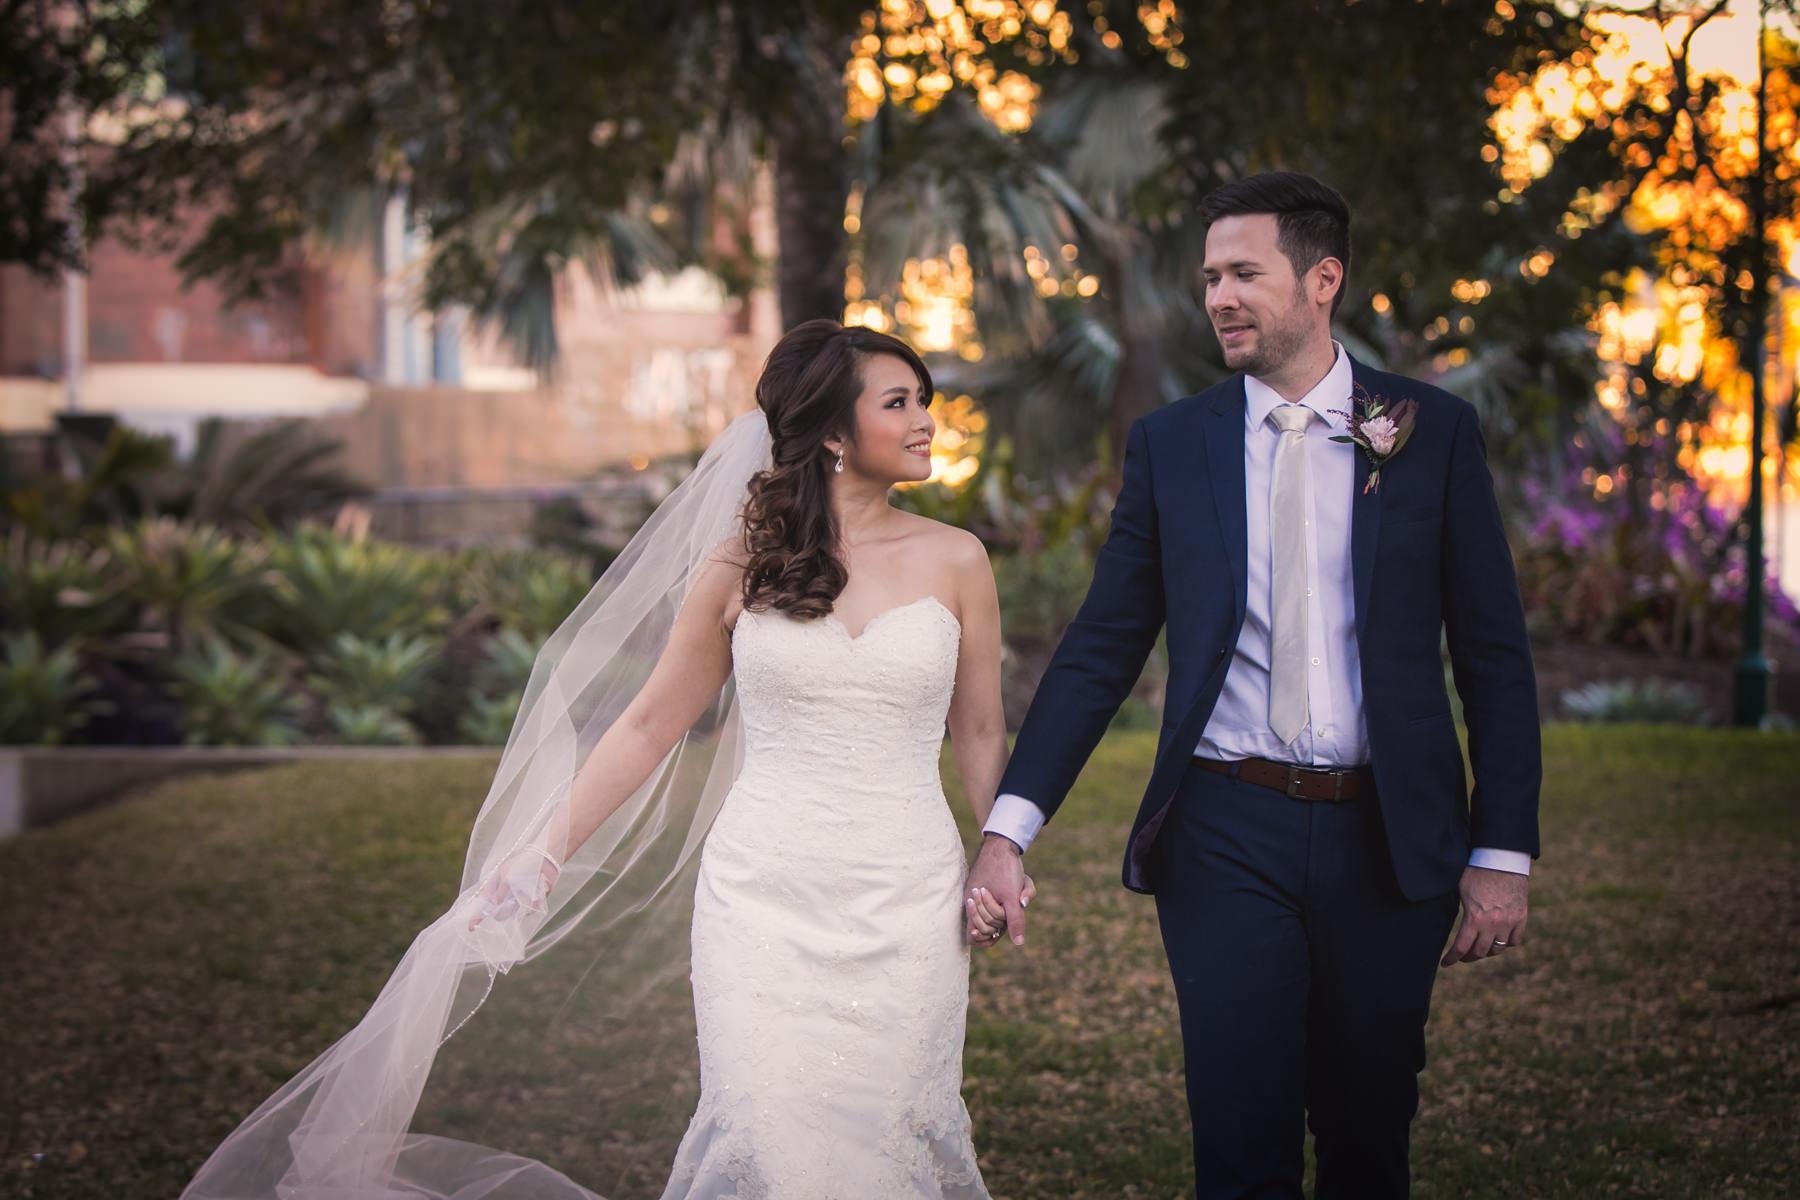 glamour pose wedding photo